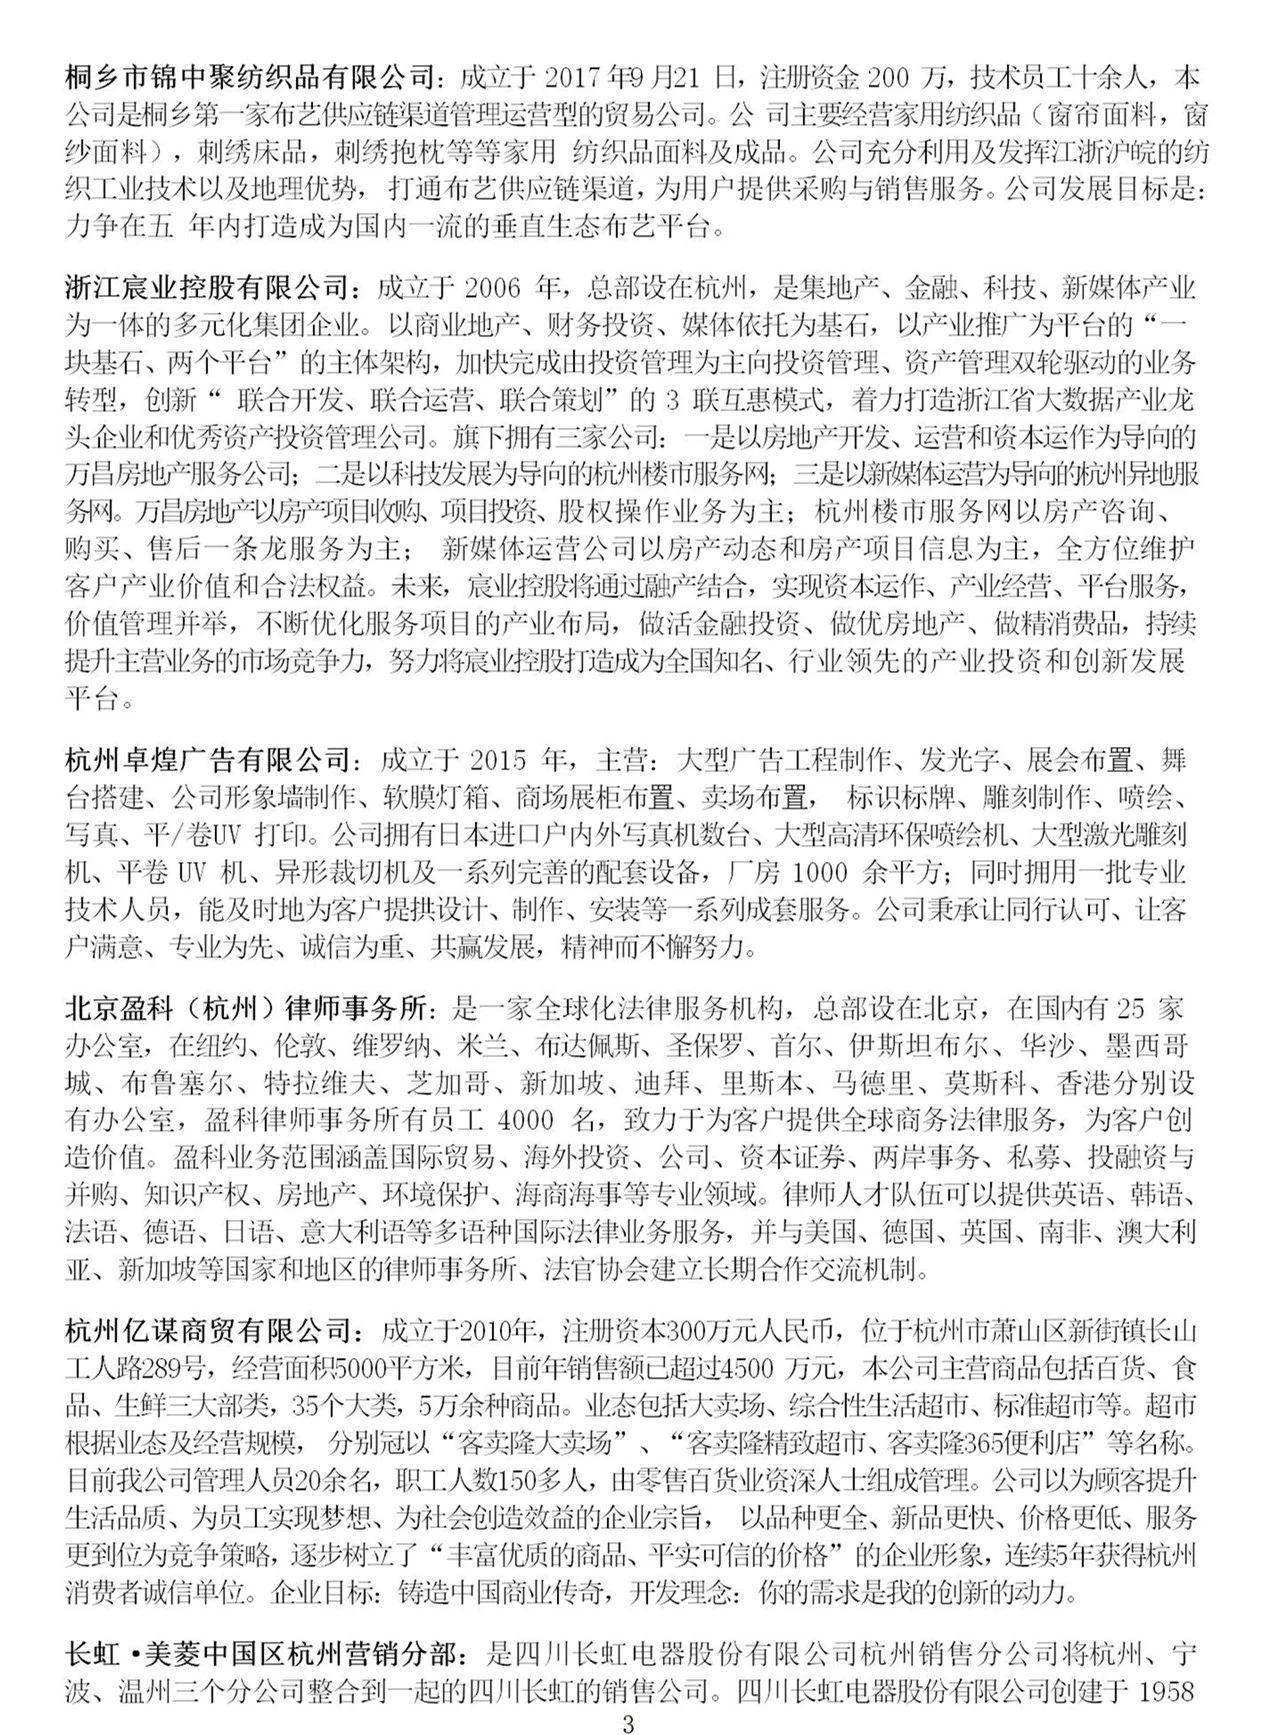 【会员发展】浙江省四川亚虎下载app第四届理事会新增会员名单及企业介绍